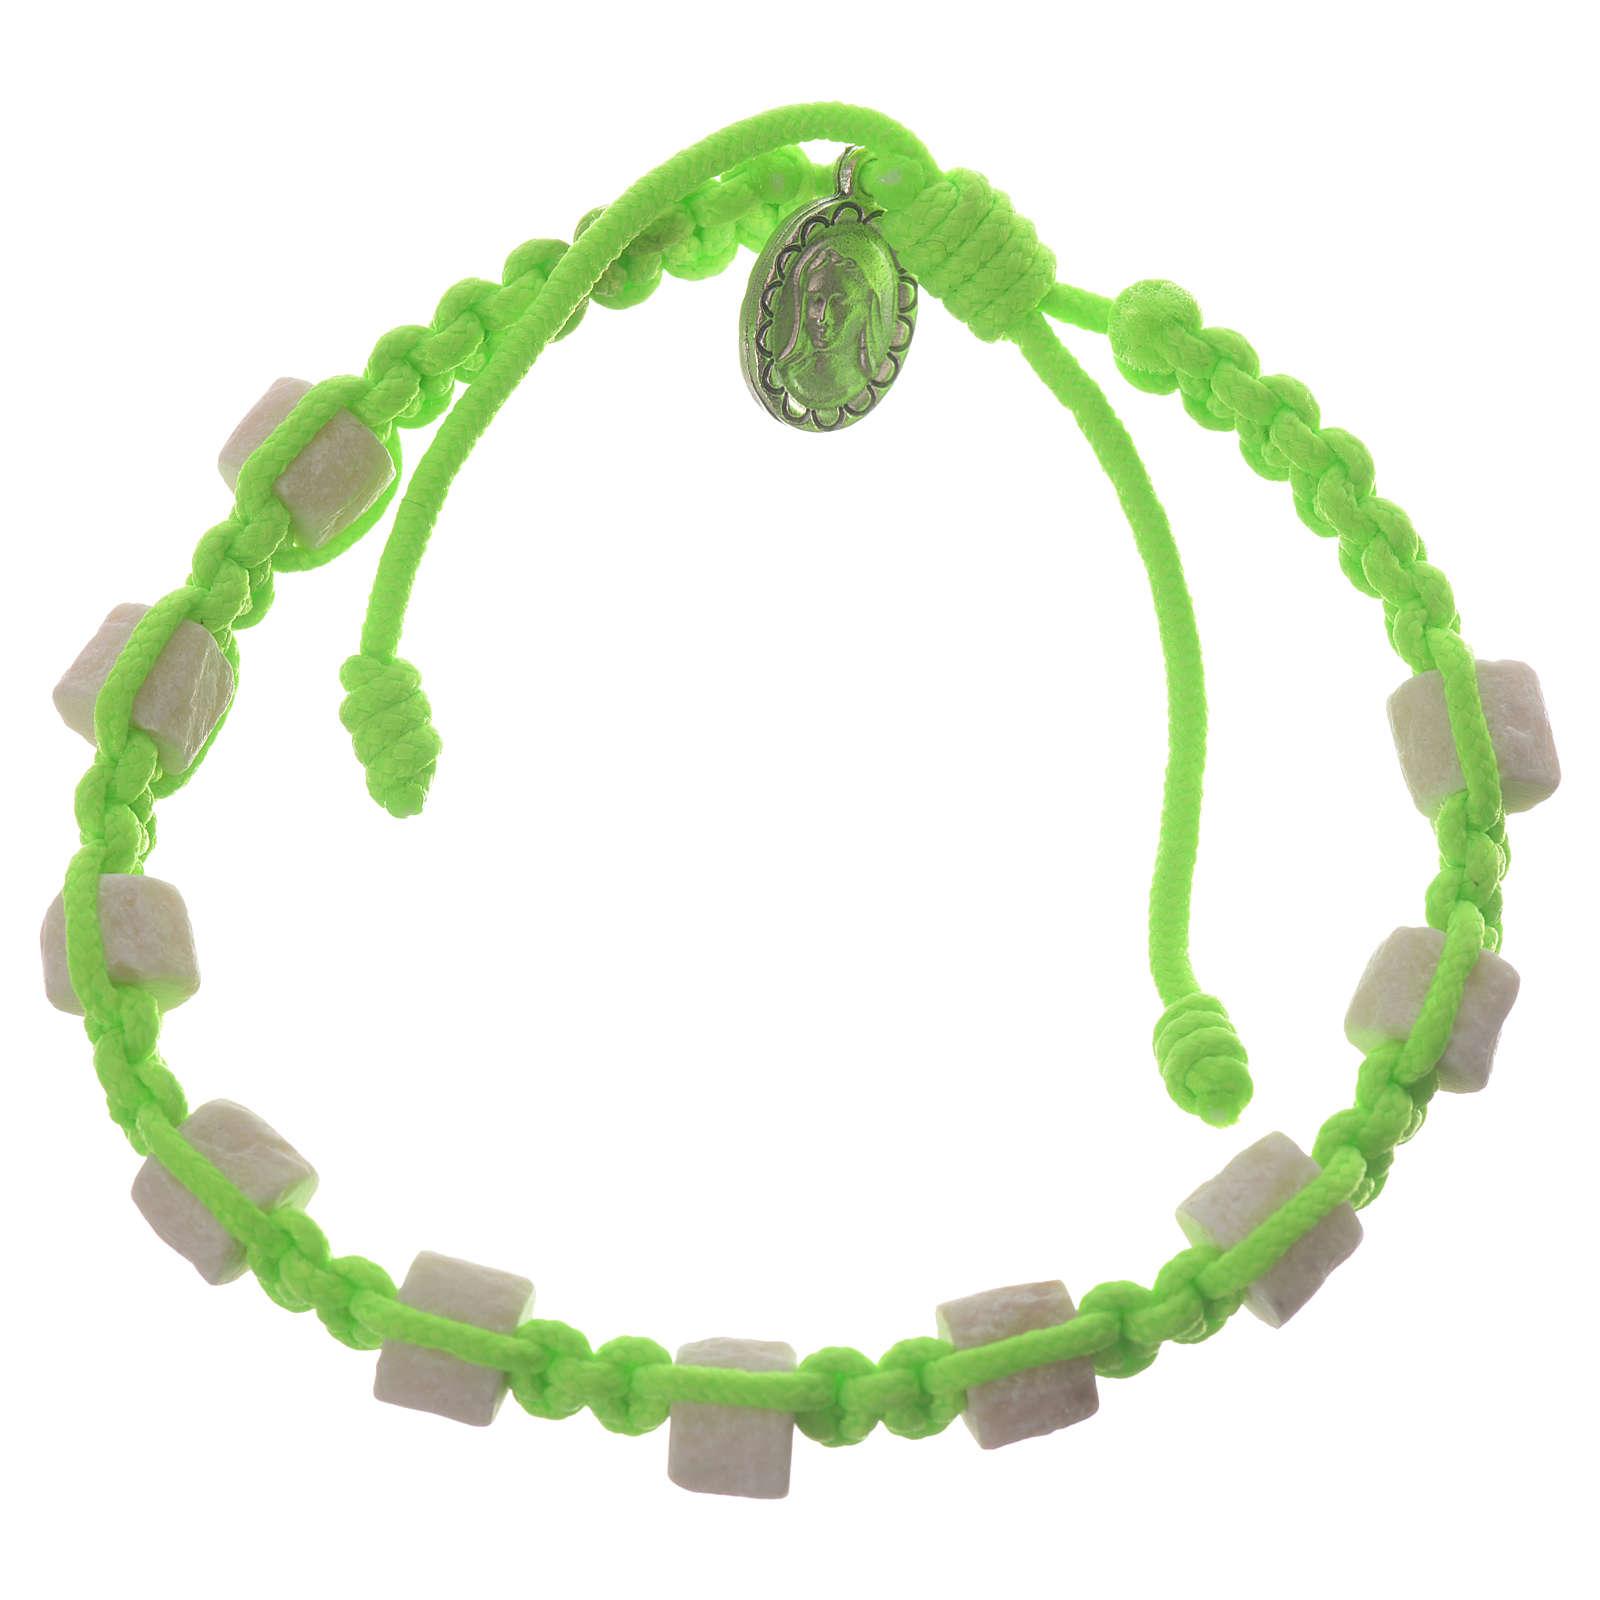 Bracciale Medjugorje corda verde grani in sasso 4